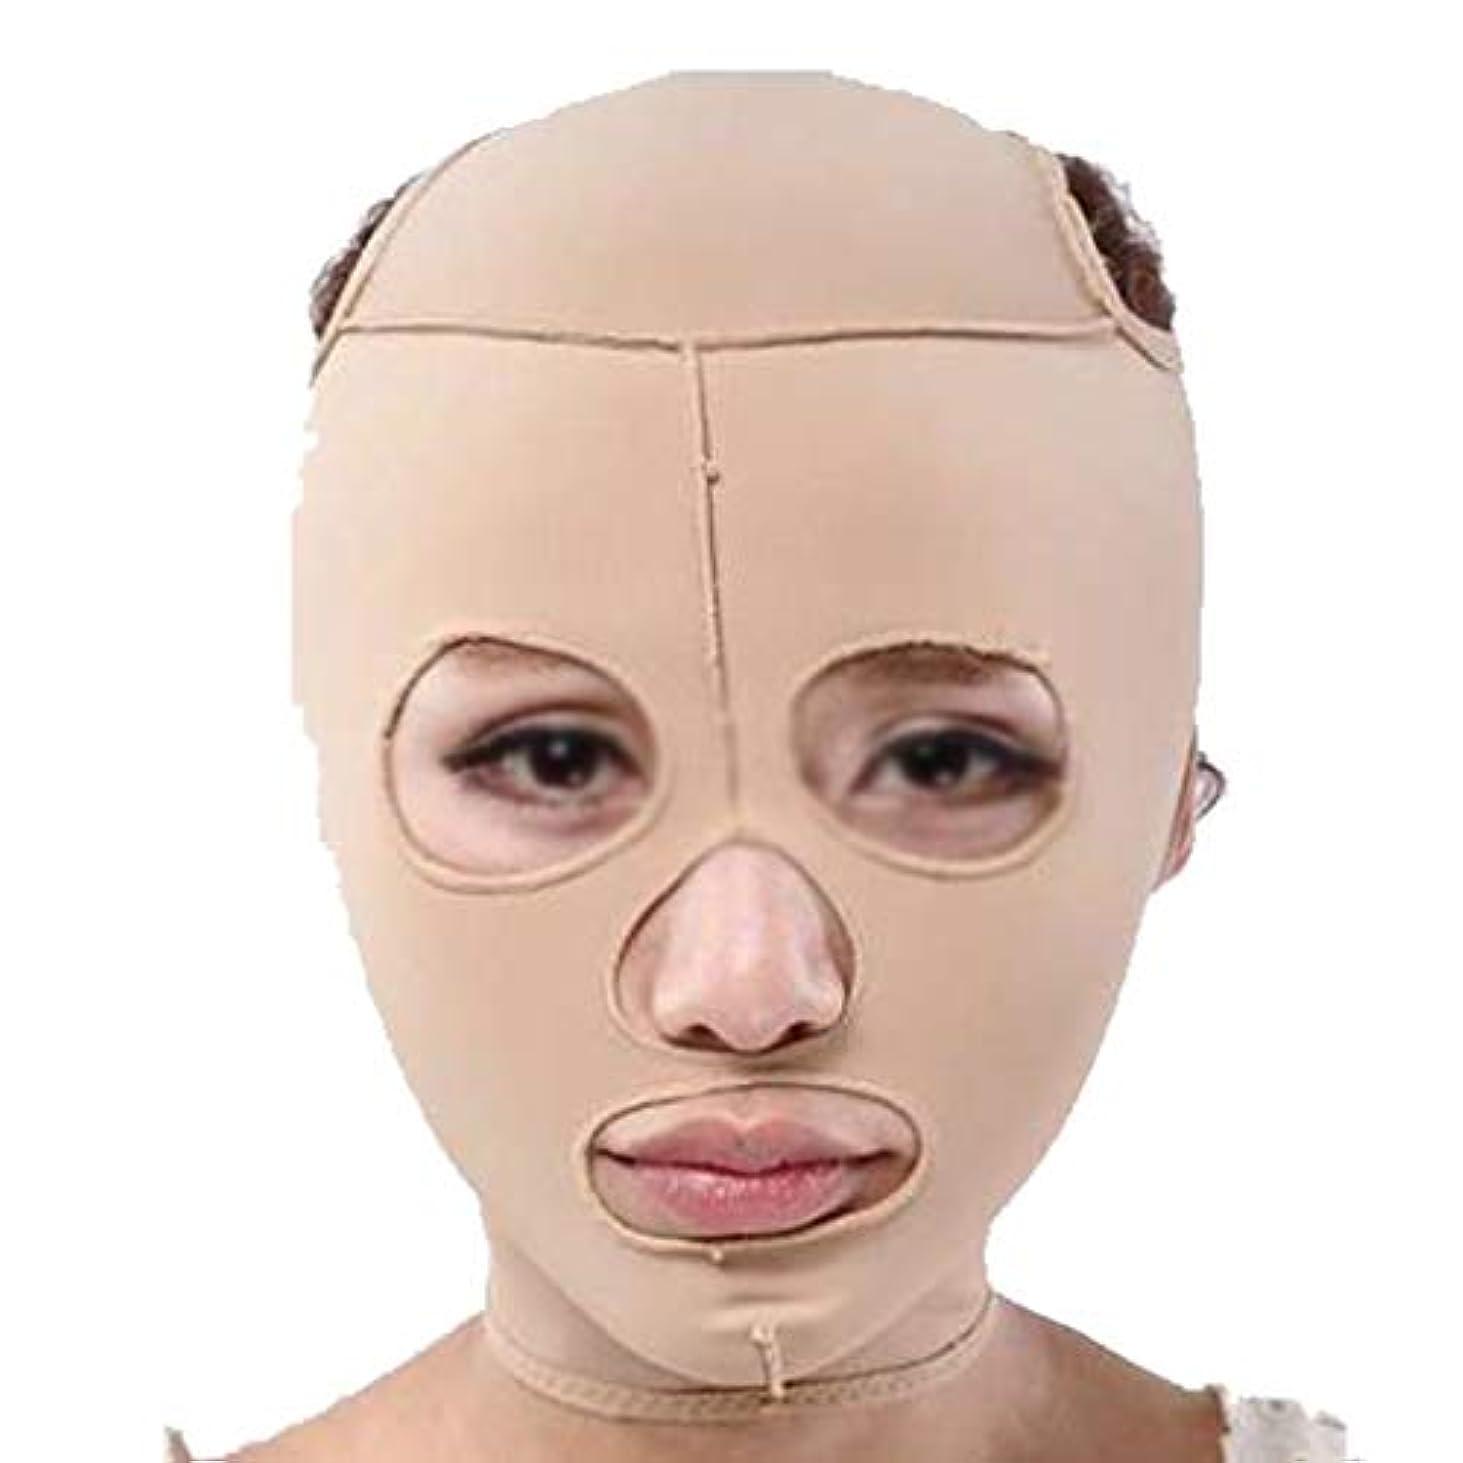 硬い旅行者振るZWBD フェイスマスク, フェイスコレクター男性と女性のフェイスリフティングマスクマスクバンデージリフティングスモールVフェイスリフティング引き締めダブルチン